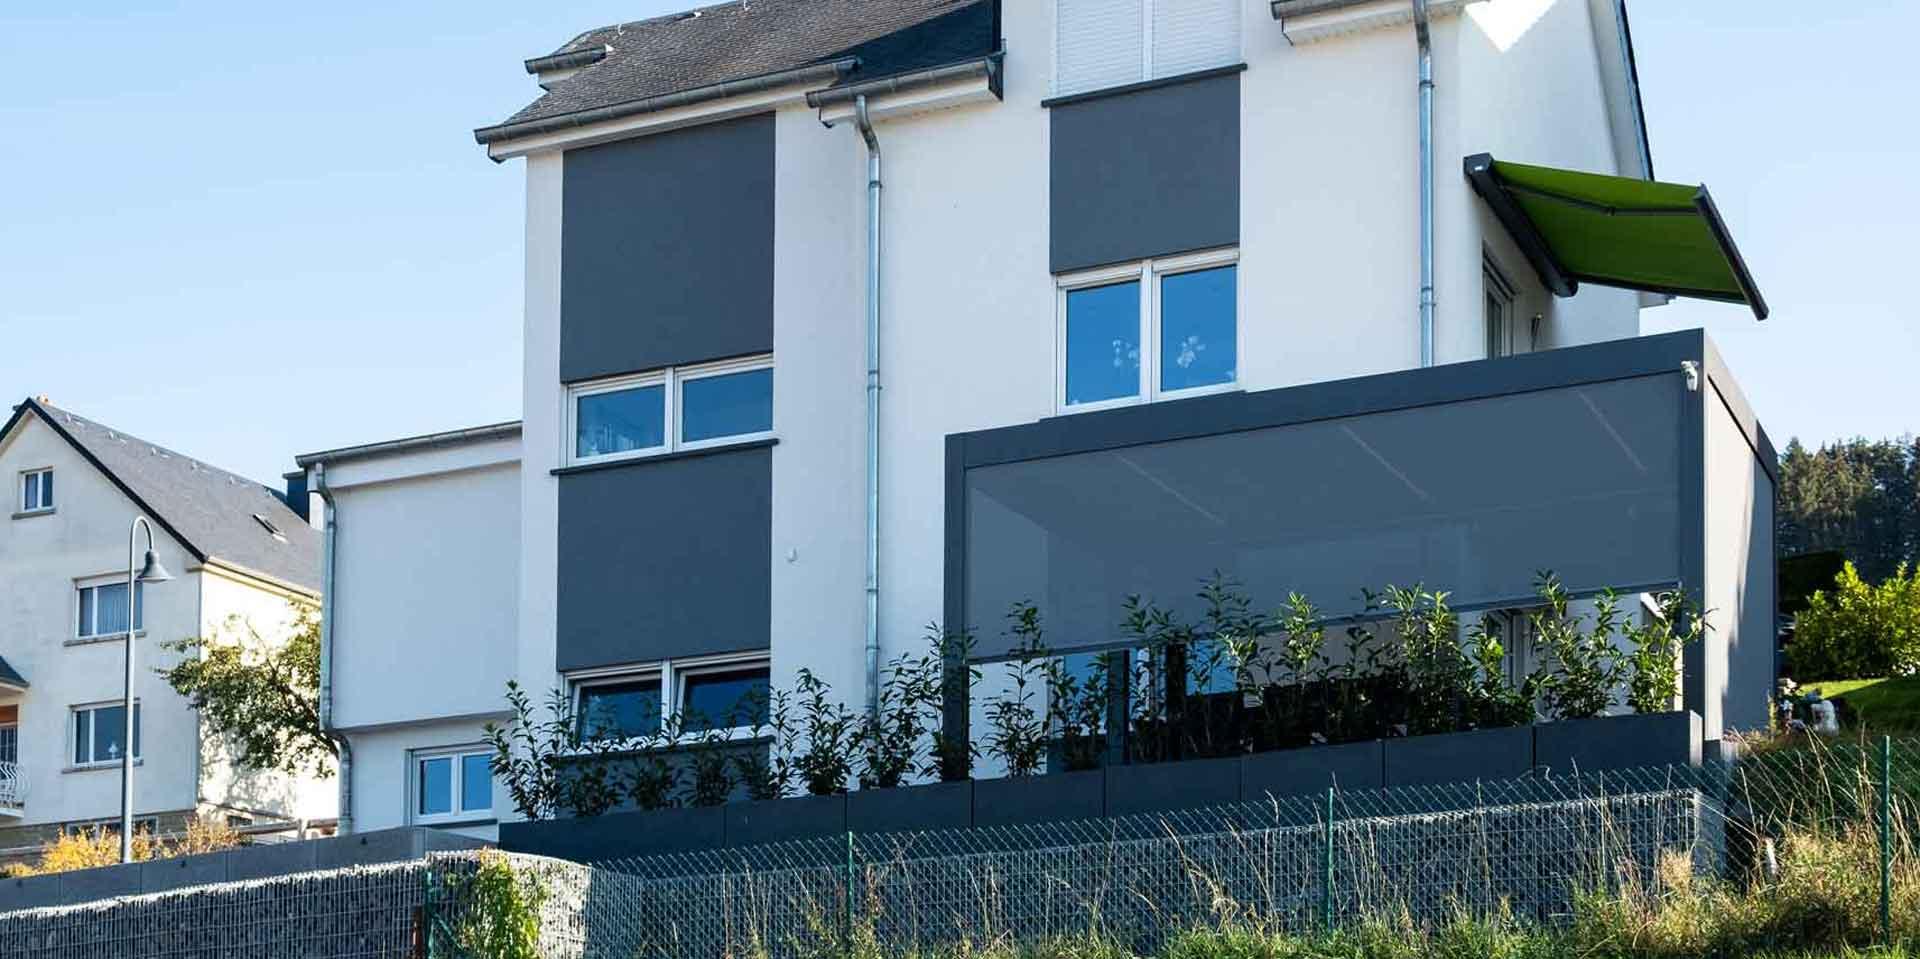 Weißes Einfamilienhaus mit Blick auf eine graue Alu Coplaning Veranda Terassenüberdachung mit Lamellendach und kippbarem Lamellendach mit LED-Licht.